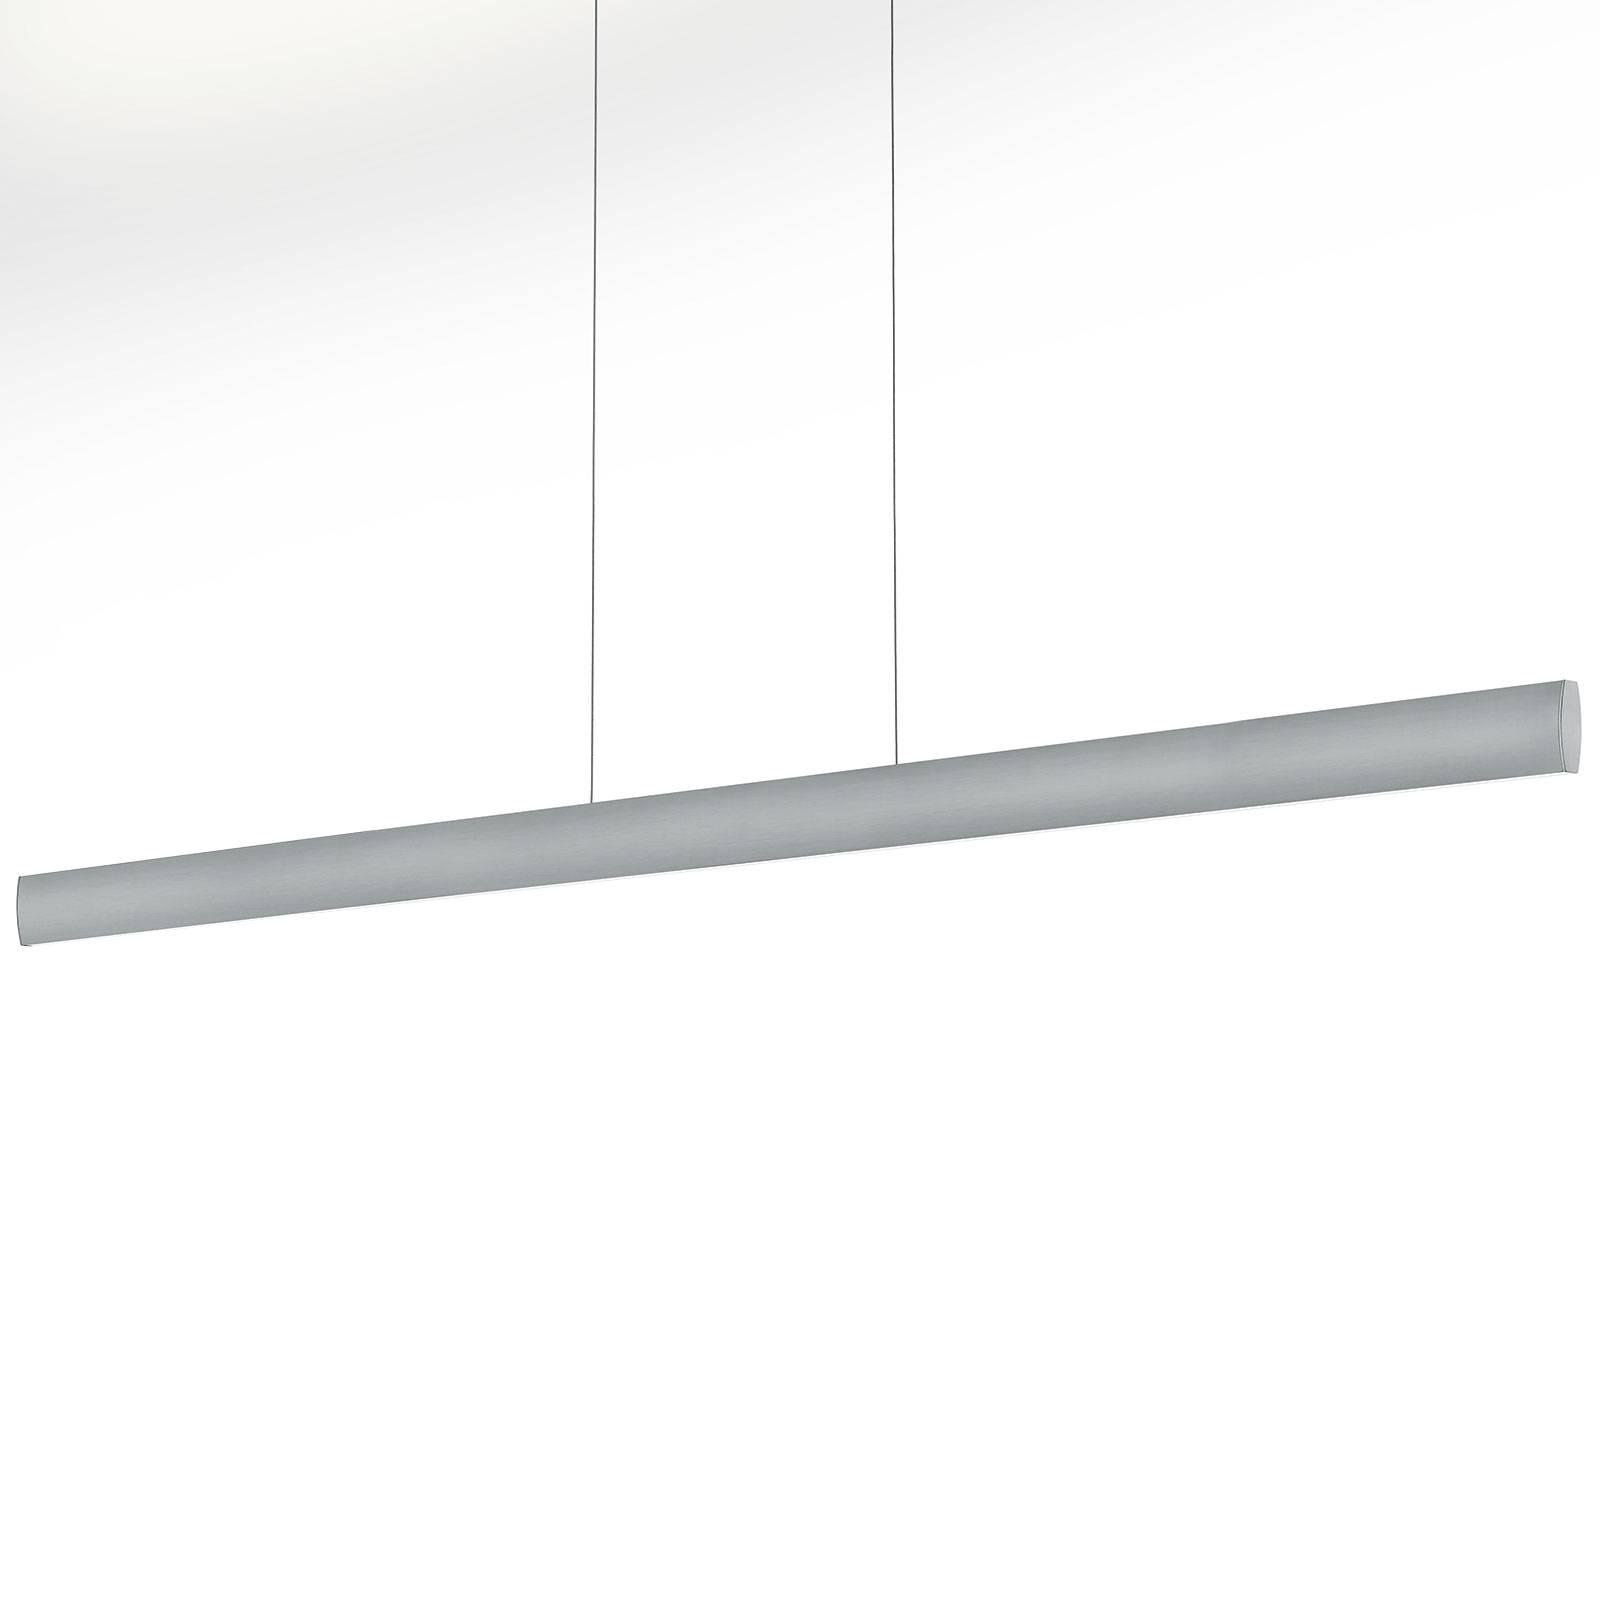 LED-riippuvalaisin Runa, nikkeli, pituus 152 cm